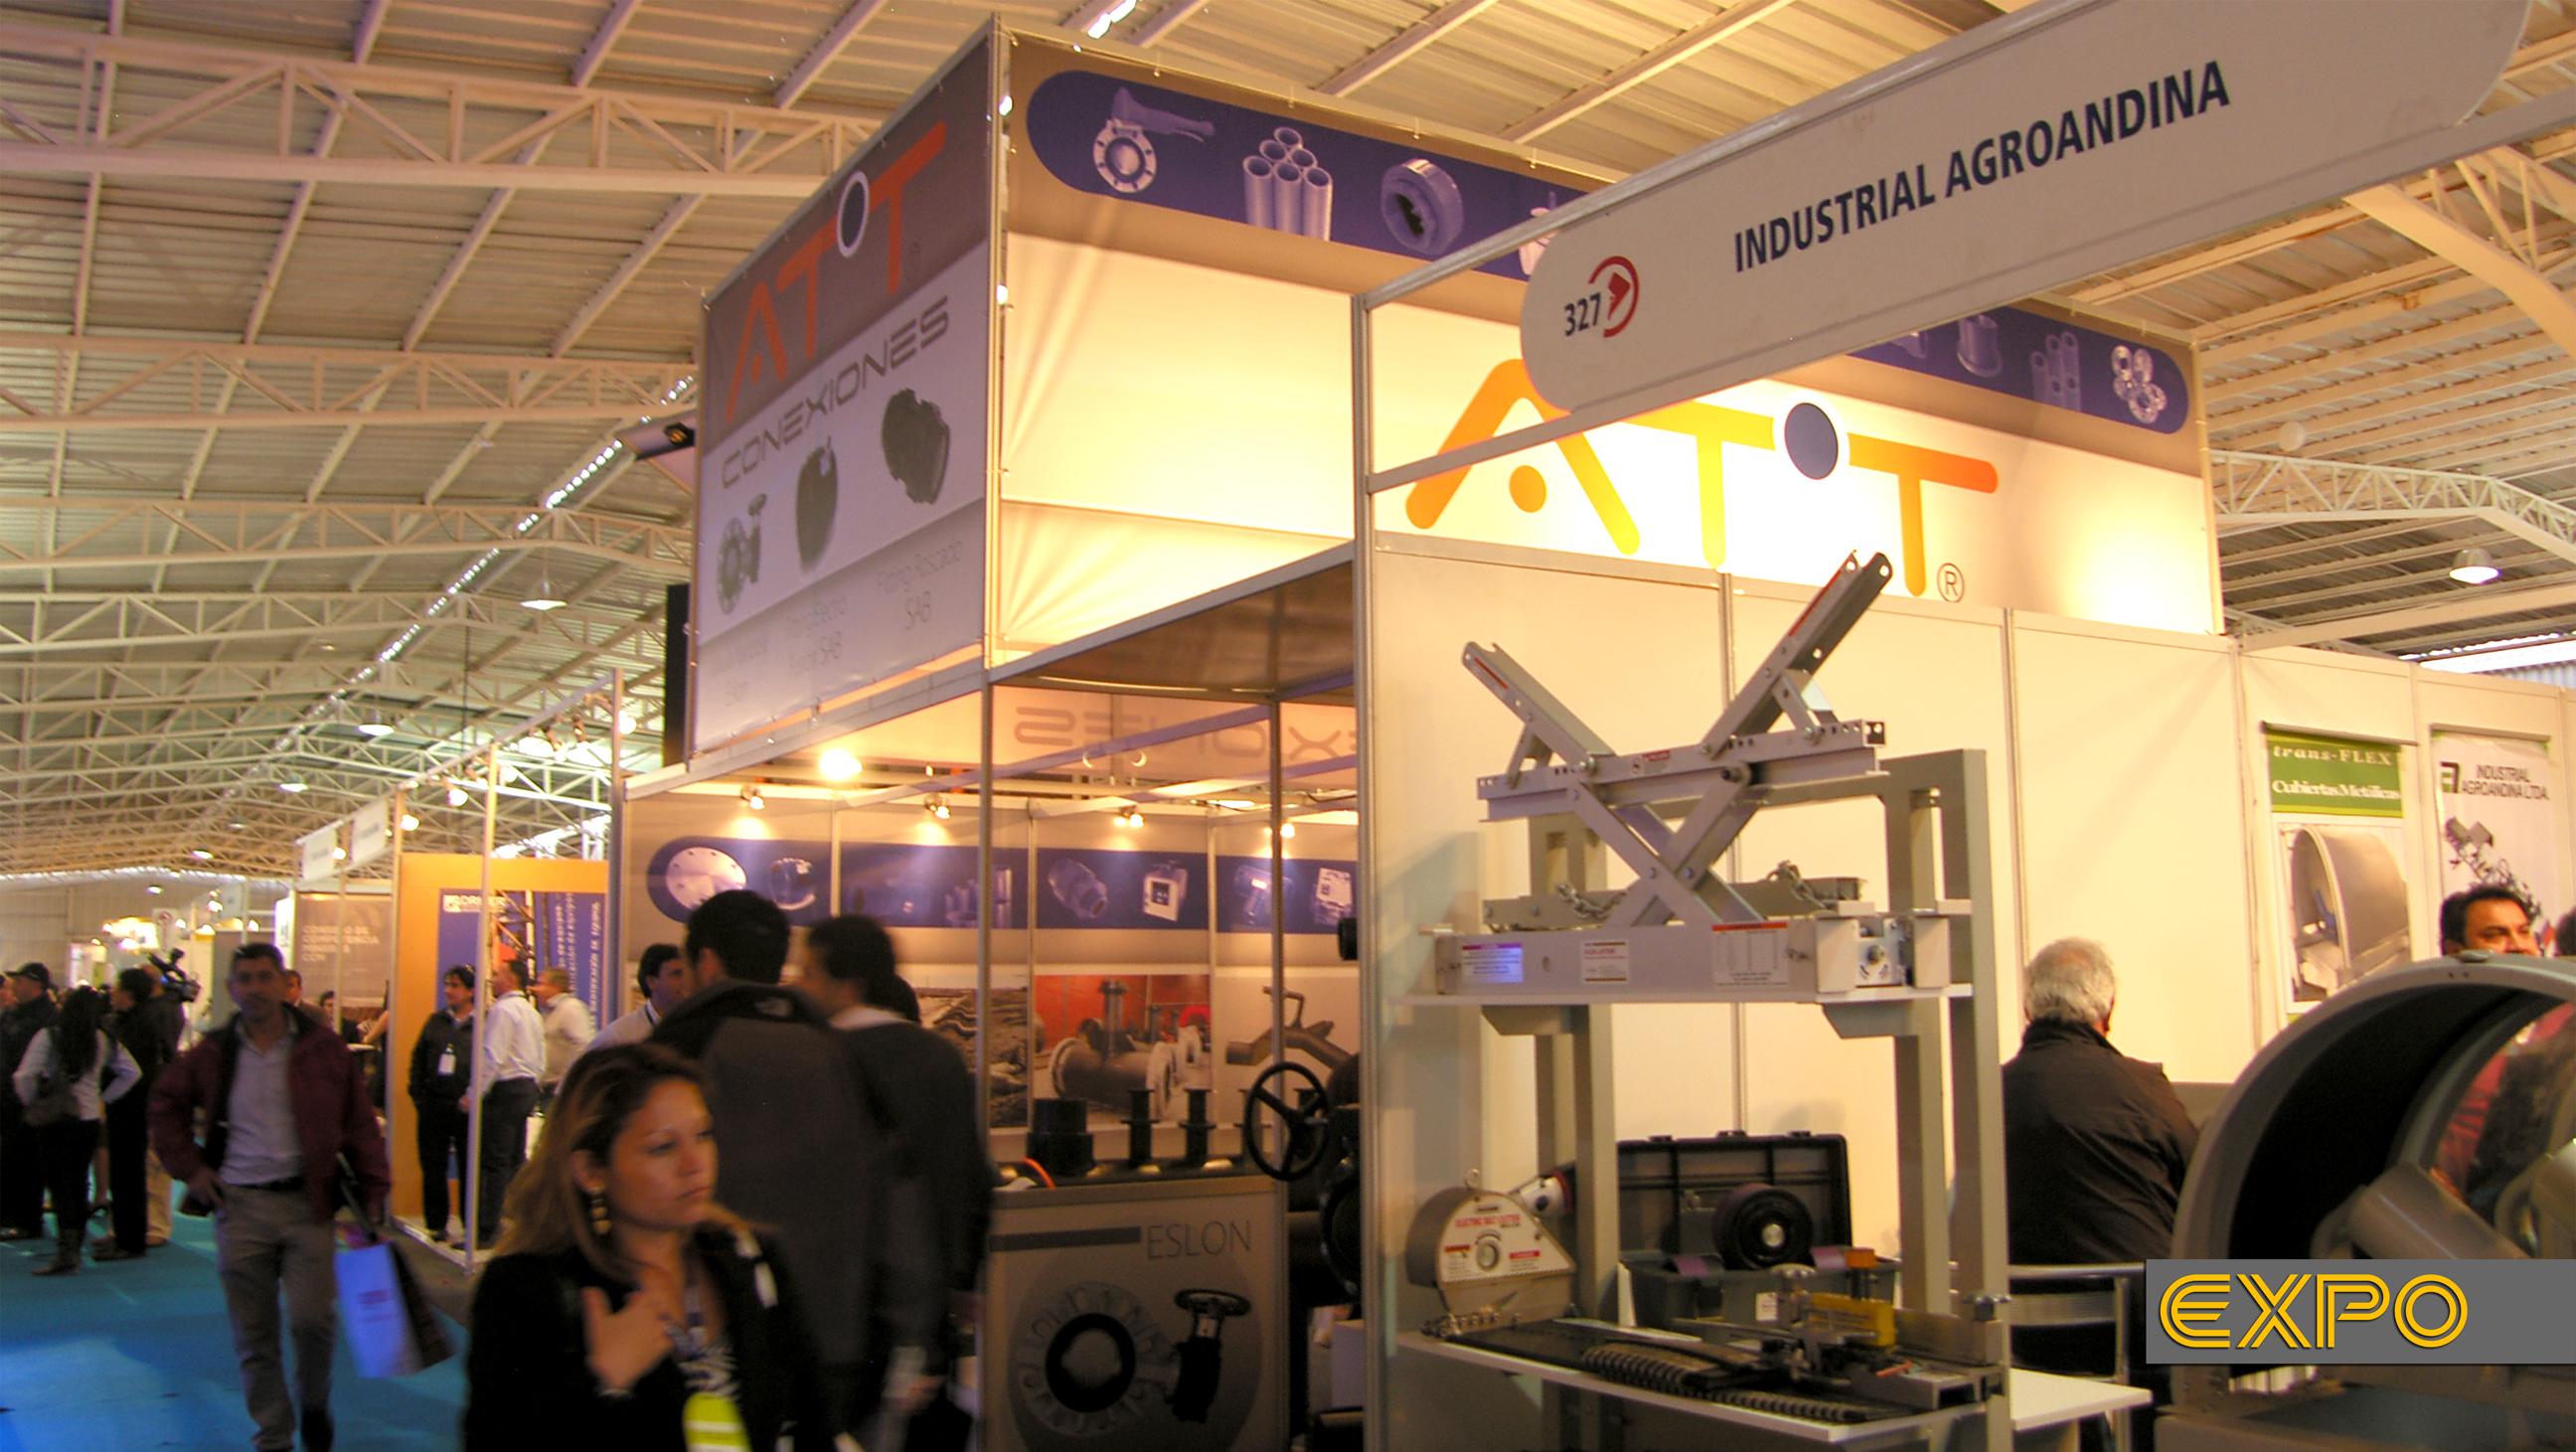 ATT - Exponor 2013